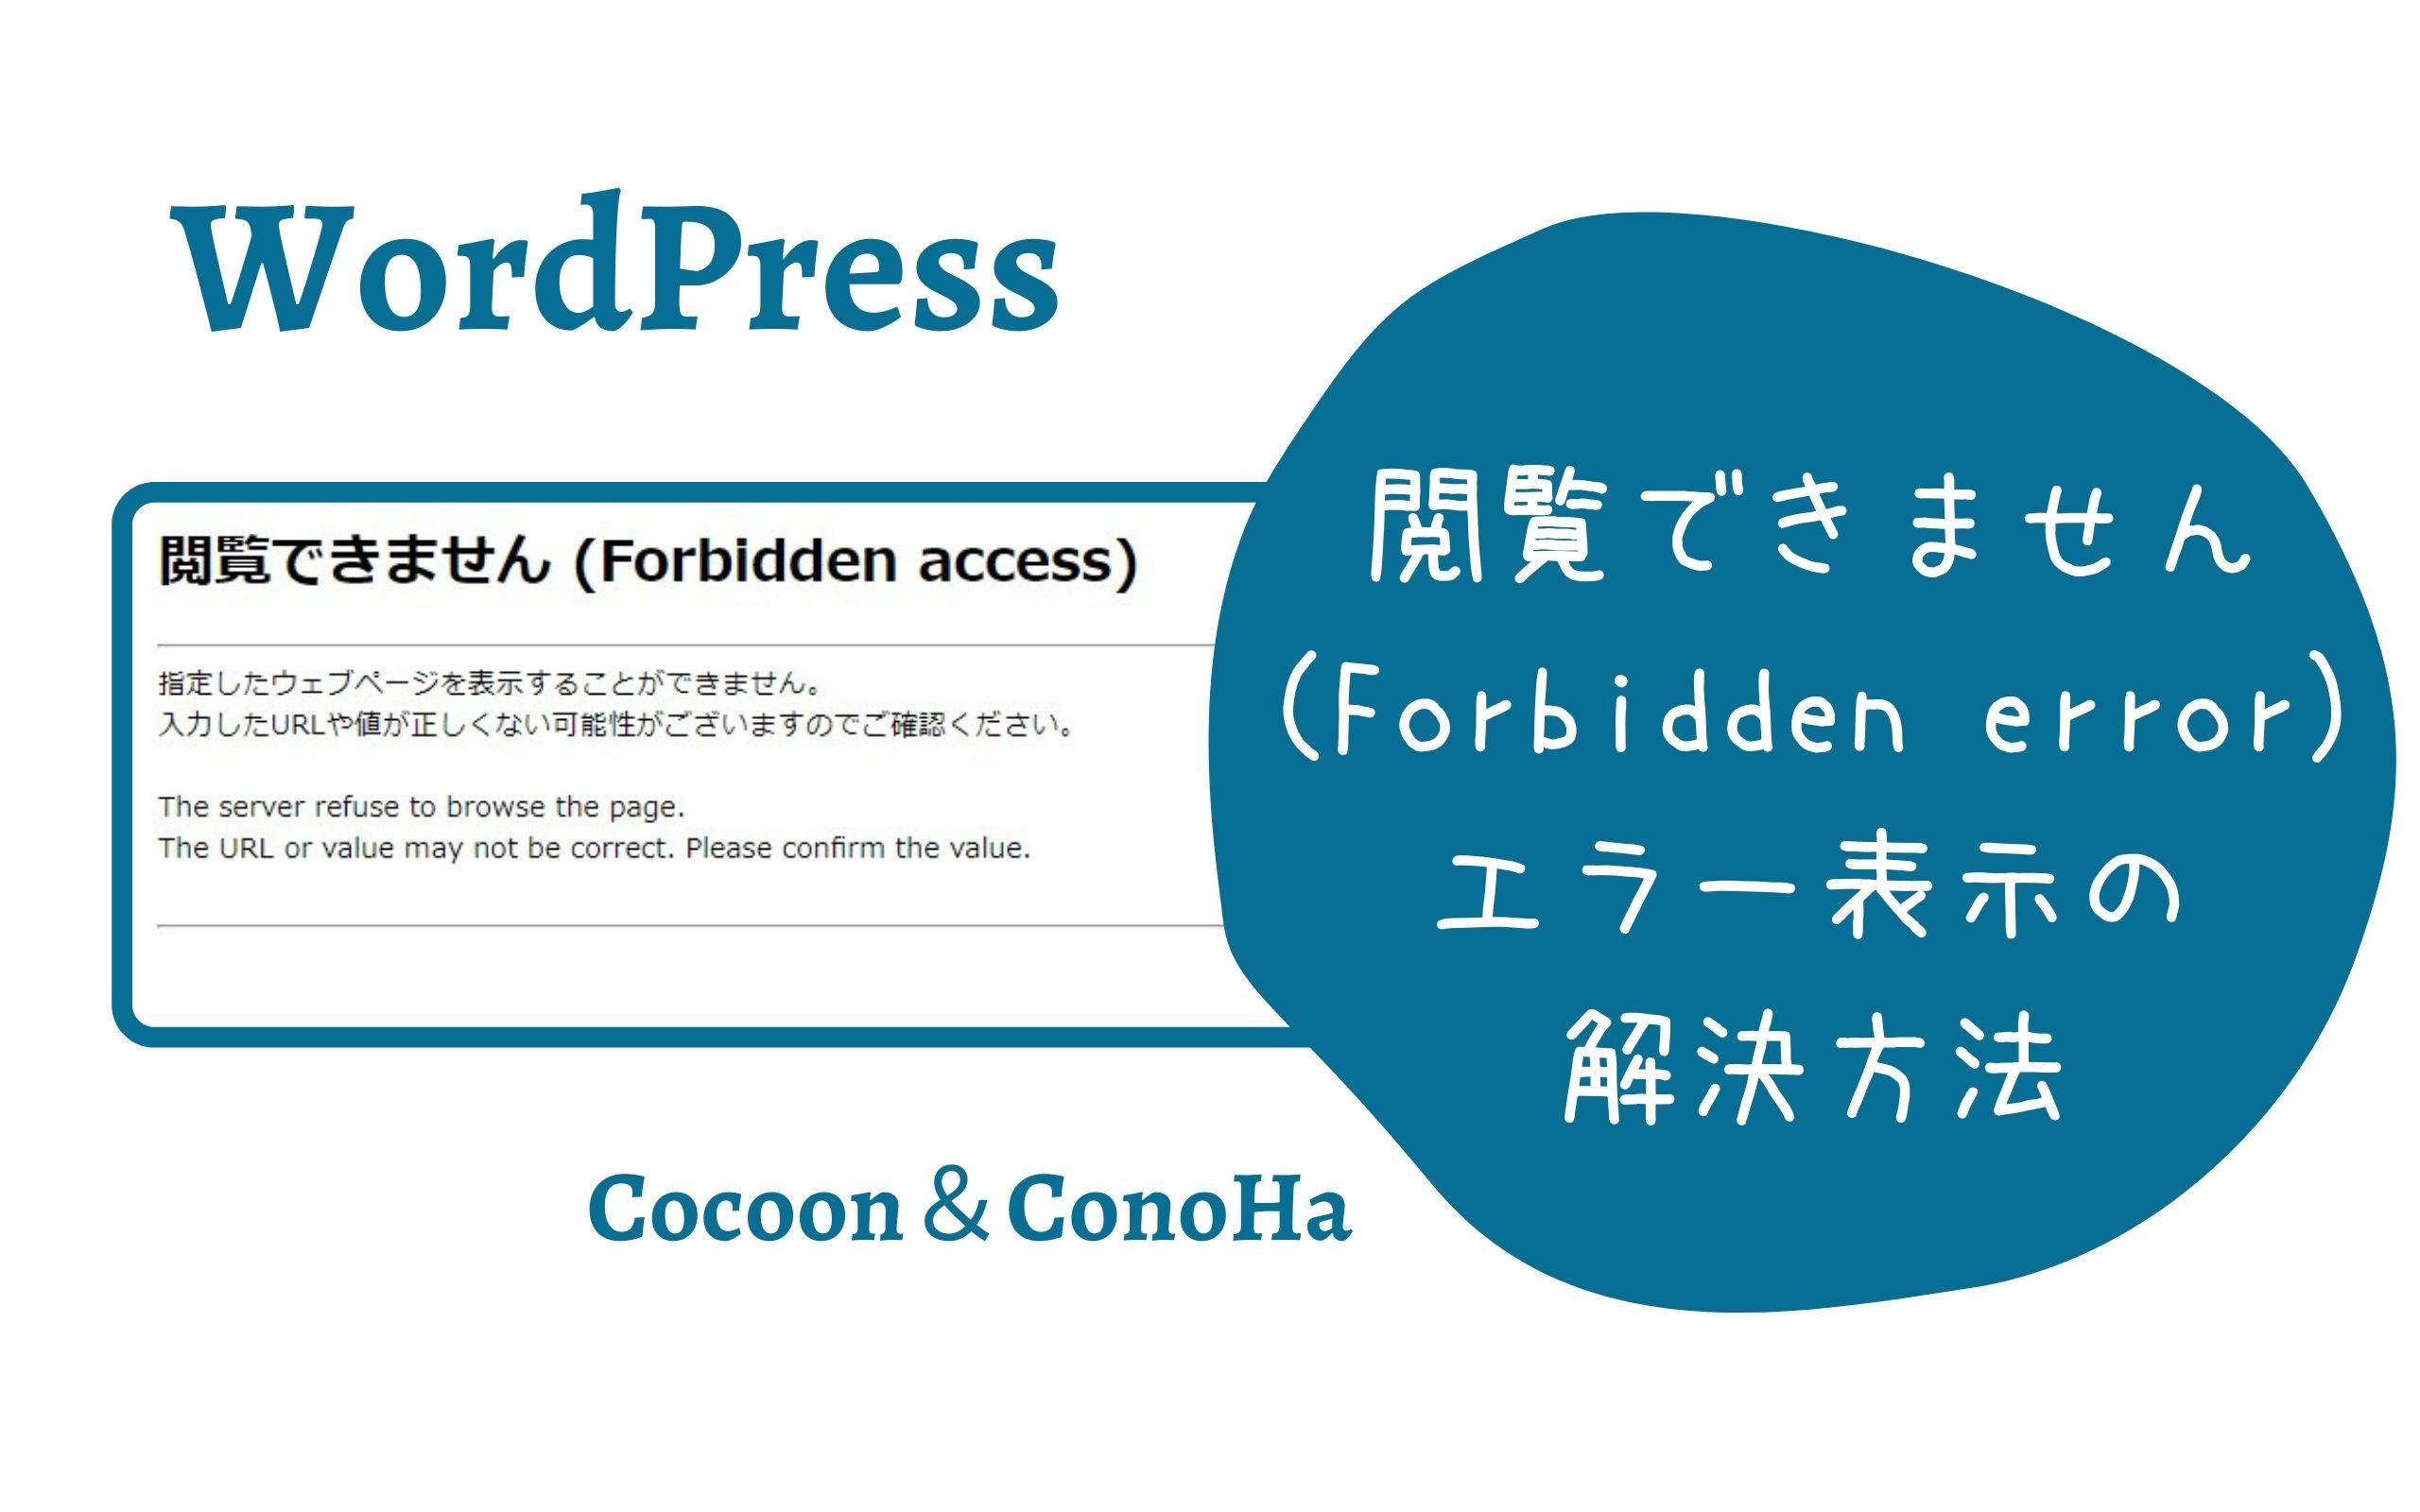 Forbidden-access-error